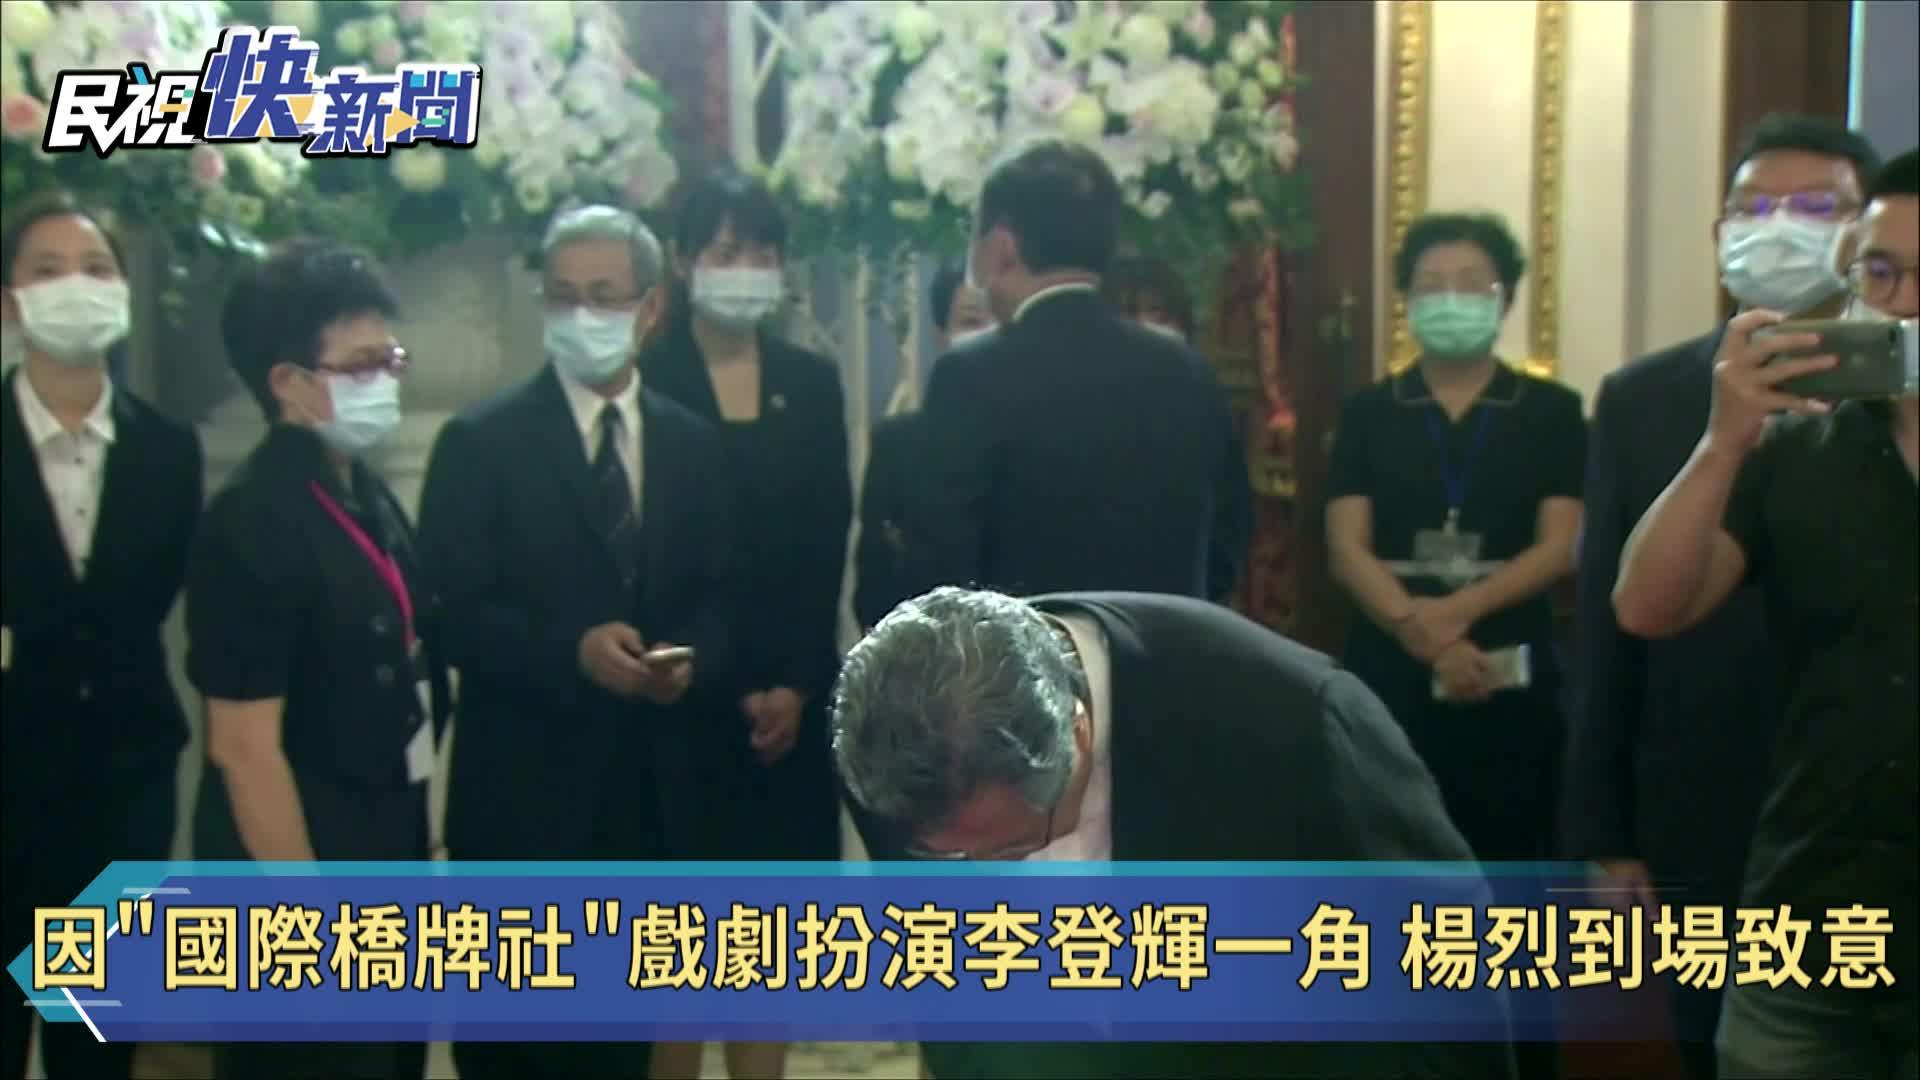 快新聞/楊烈哽咽悼念:能飾演李登輝是「我的榮幸」